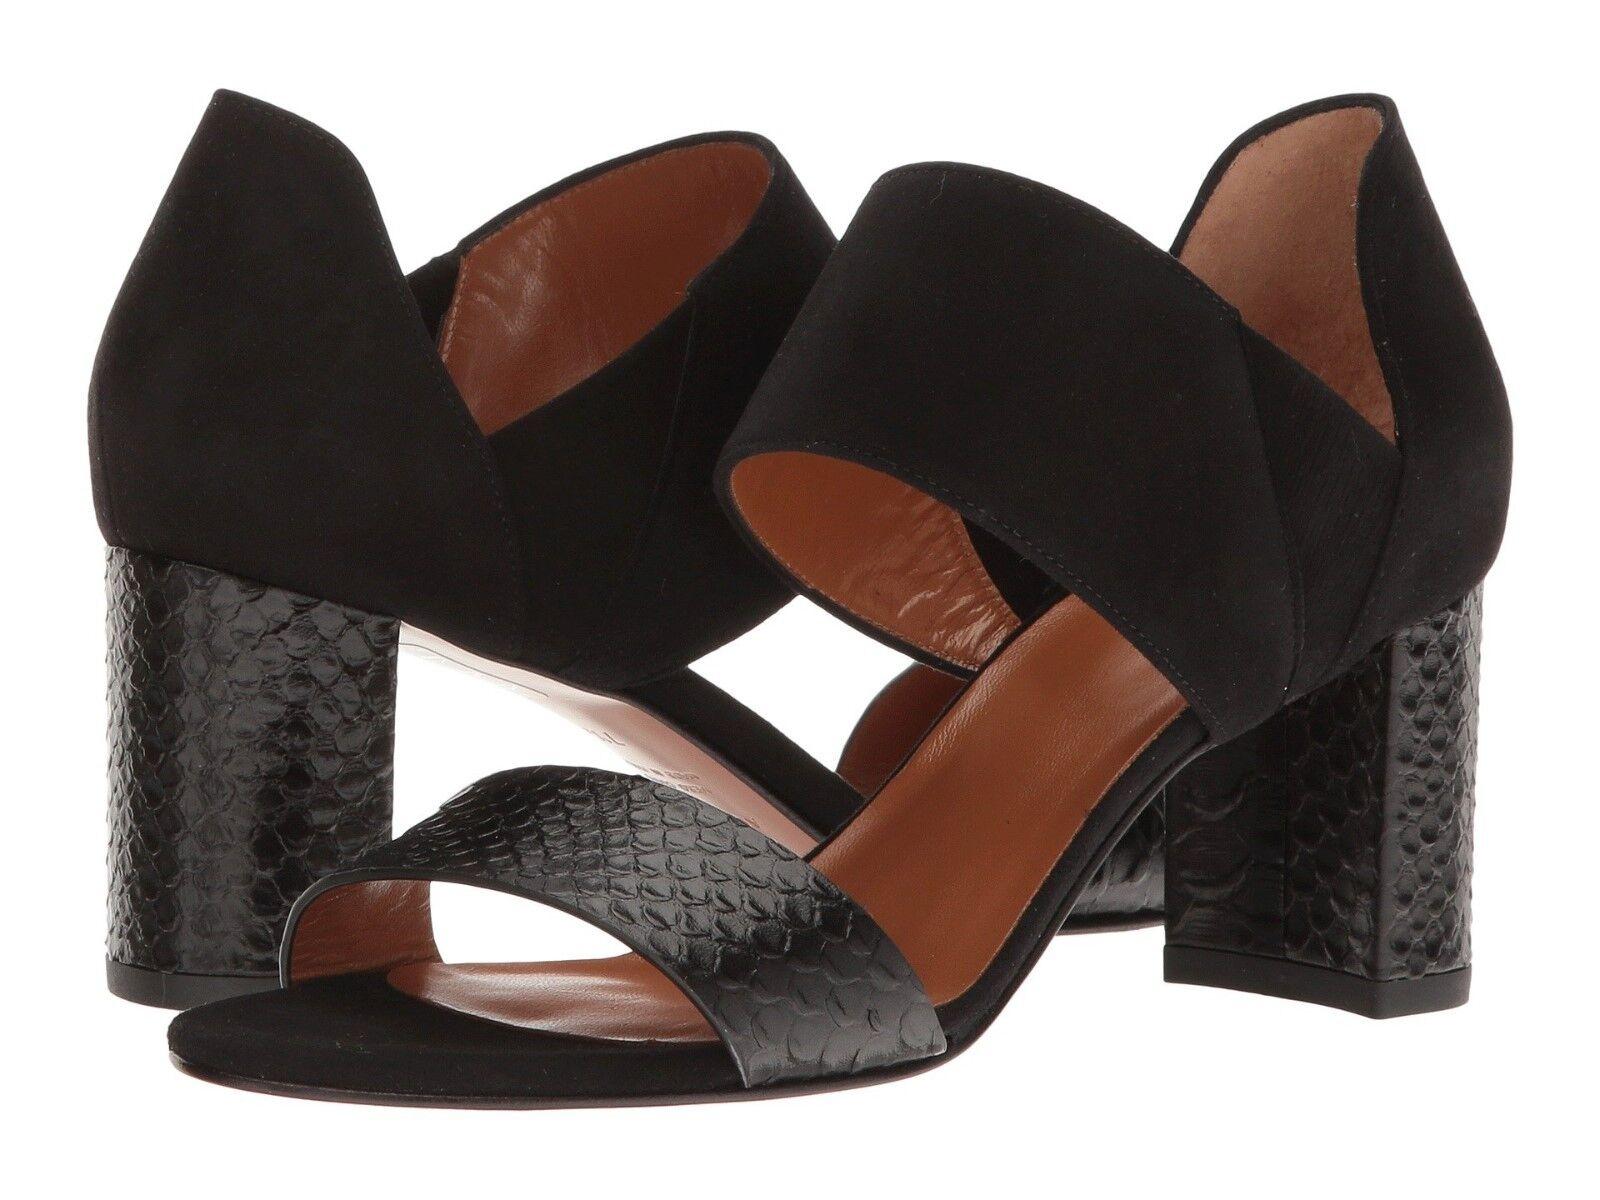 nuovo di marca Aquatalia by Marvin K. Donna Donna Donna  Suzanne Dress Heel Sandal nero 8 NEW IN BOX  edizione limitata a caldo